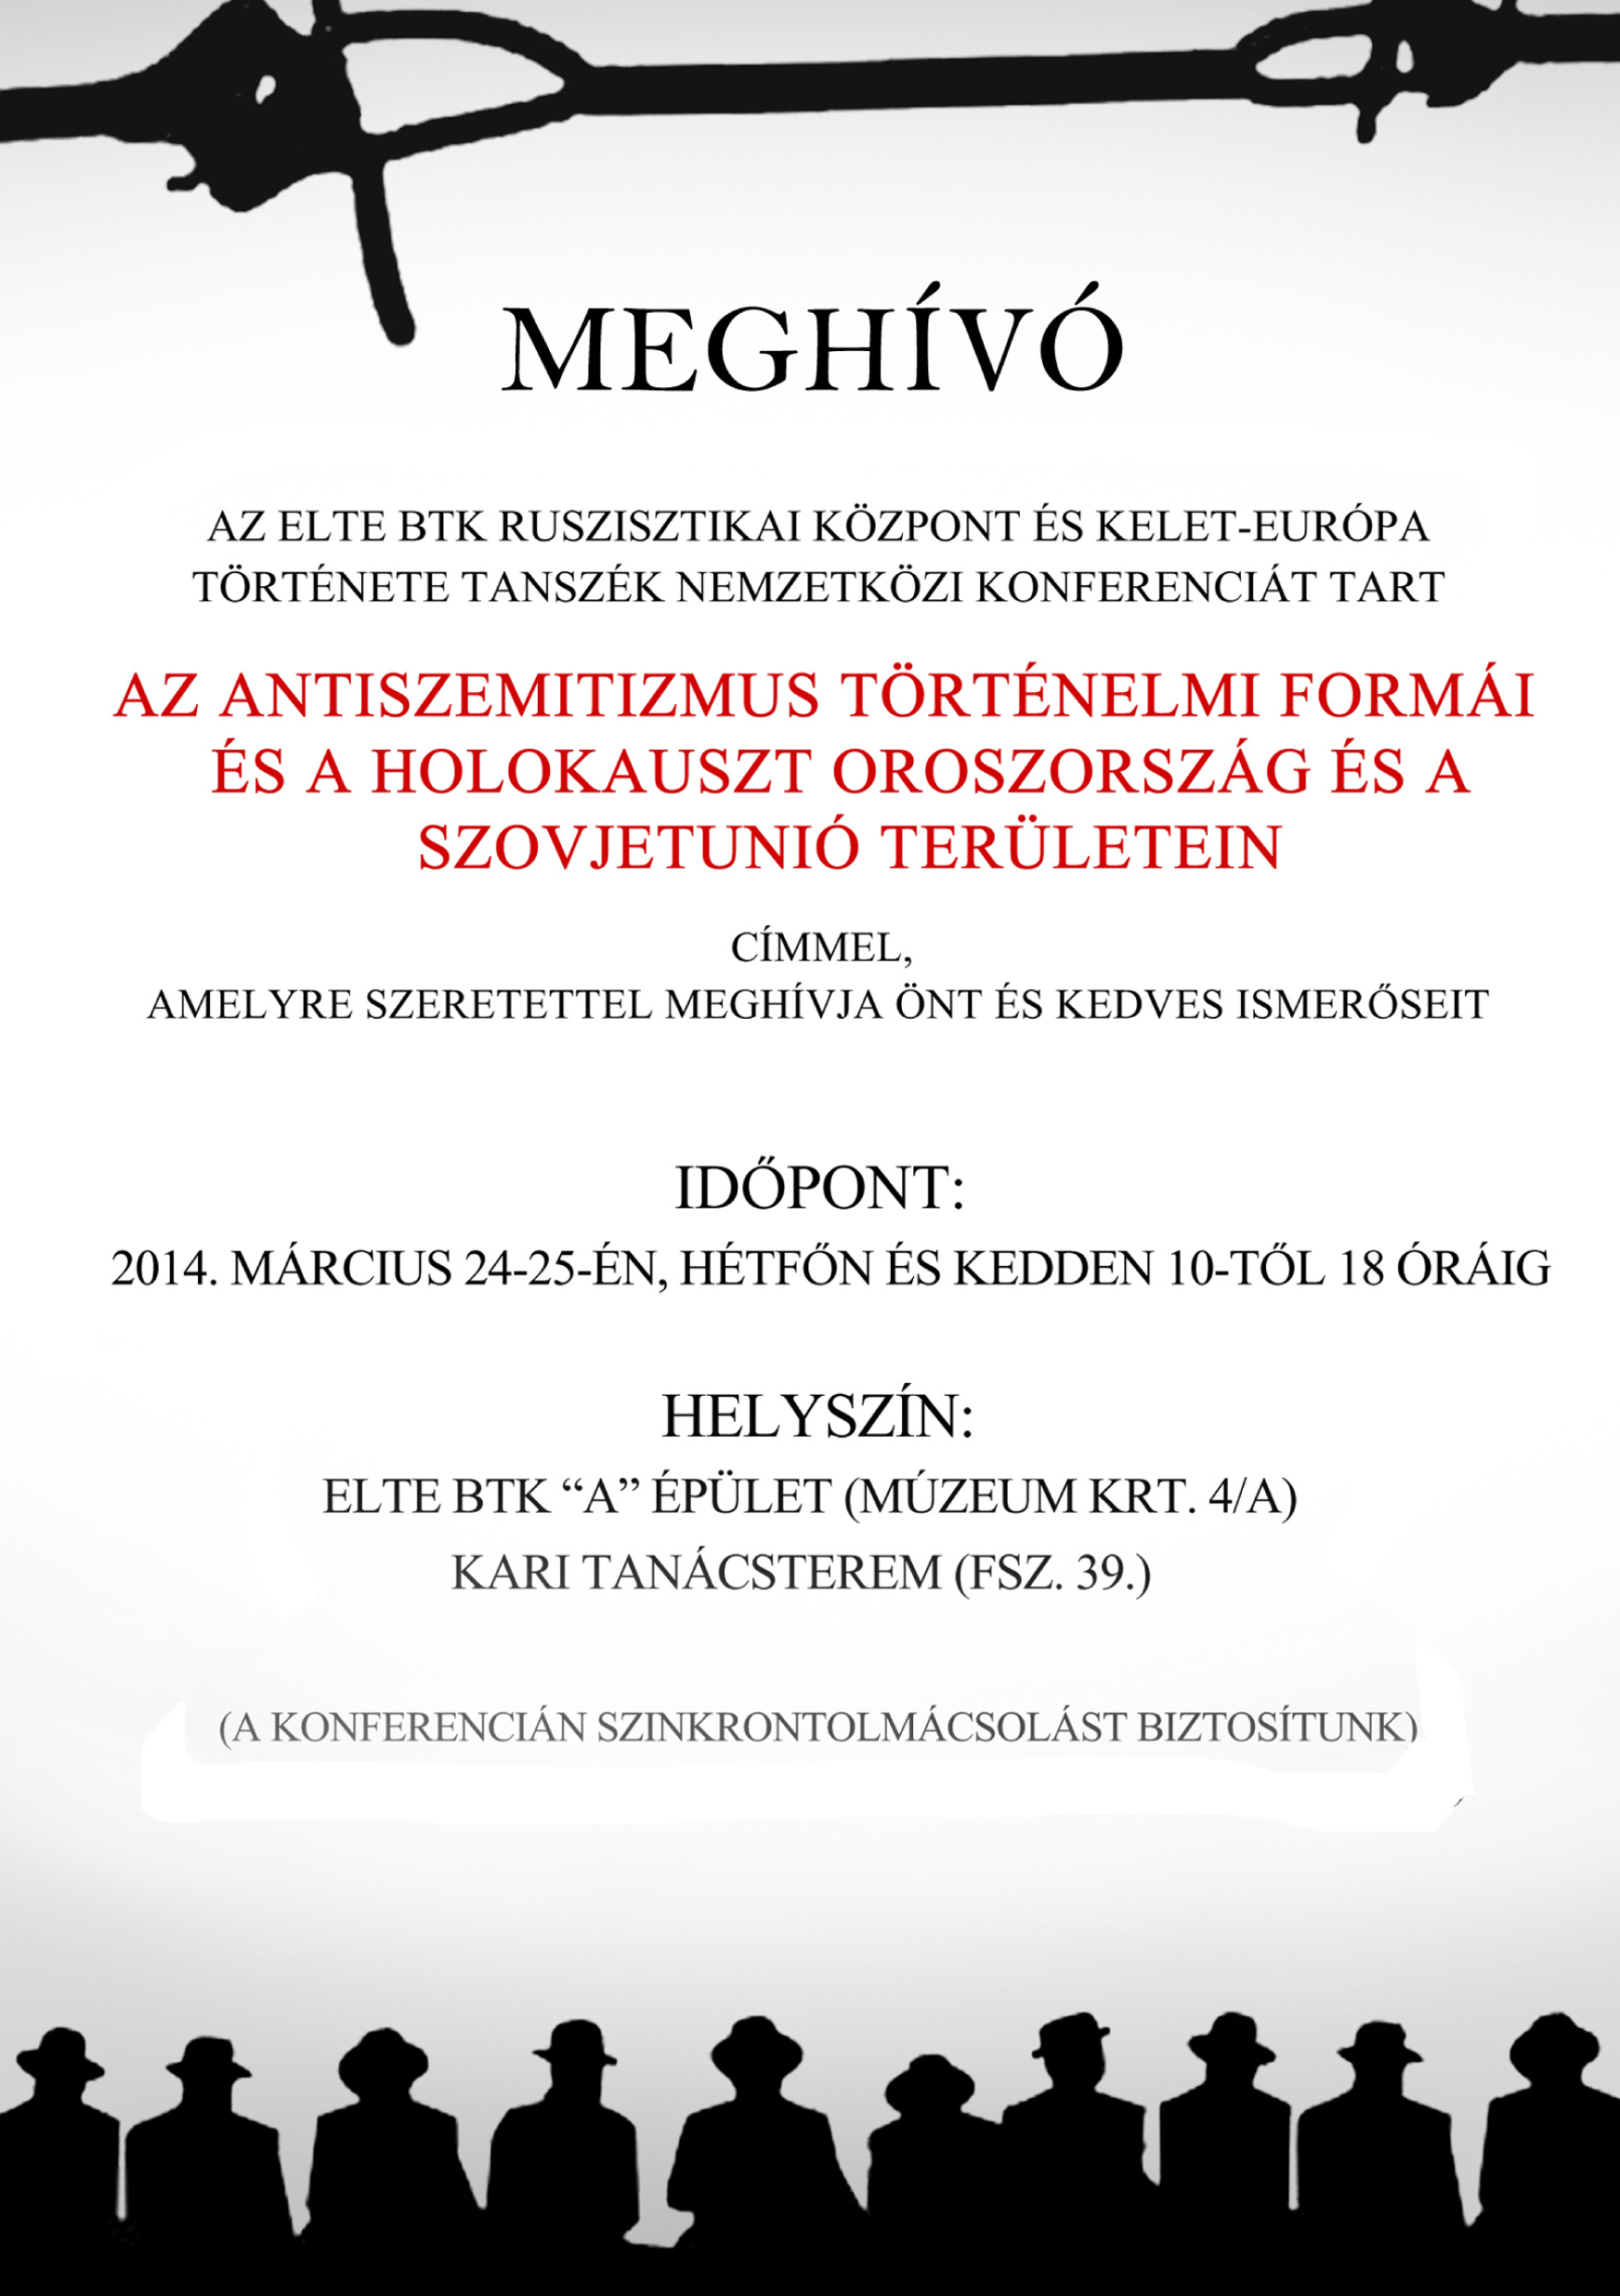 meghivo_oroszorszag_holokauszt